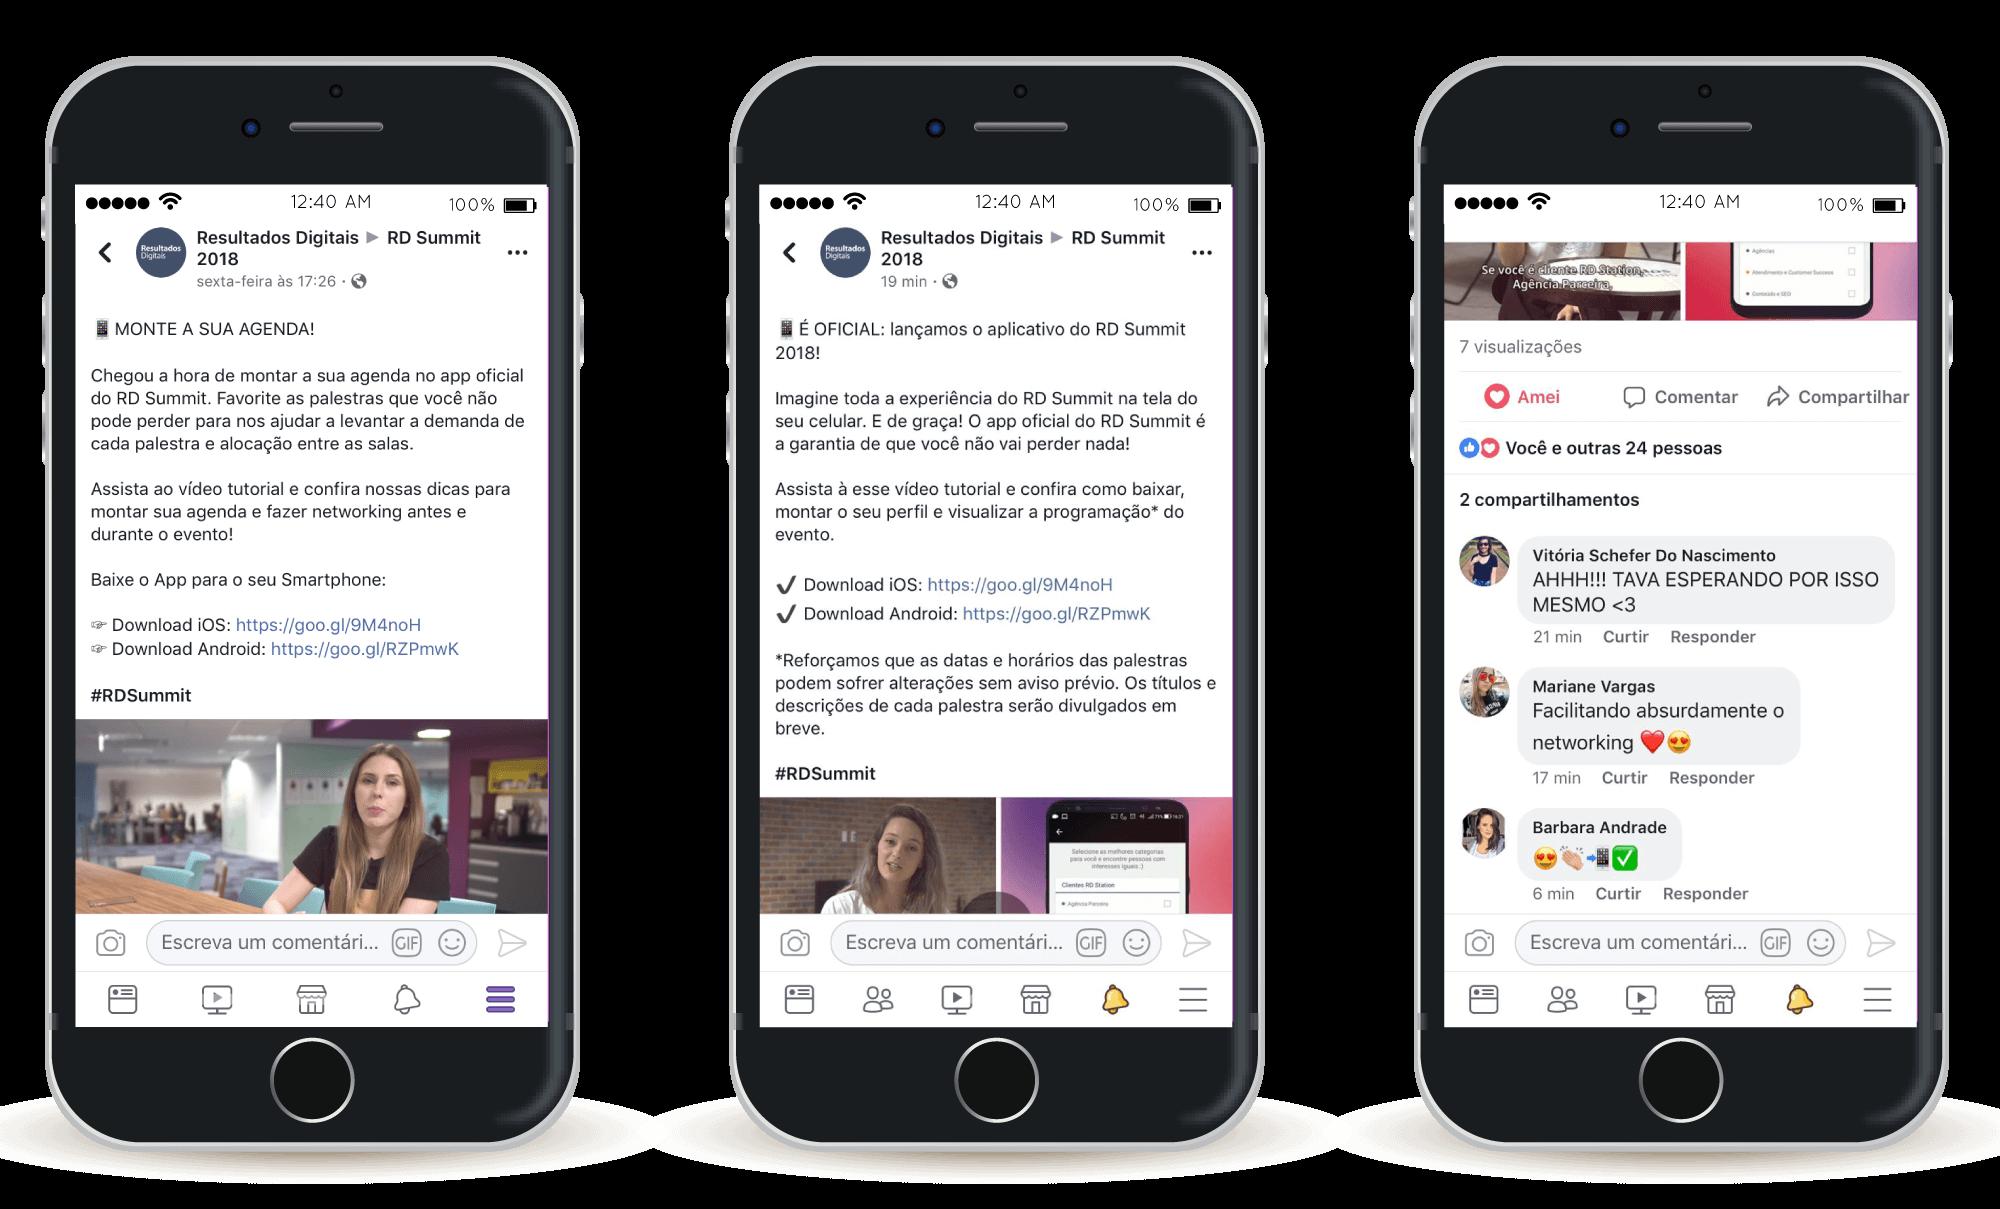 imagem-de-três-celulares-mostrando-publicações-da-resultados-digitais-no-facebook